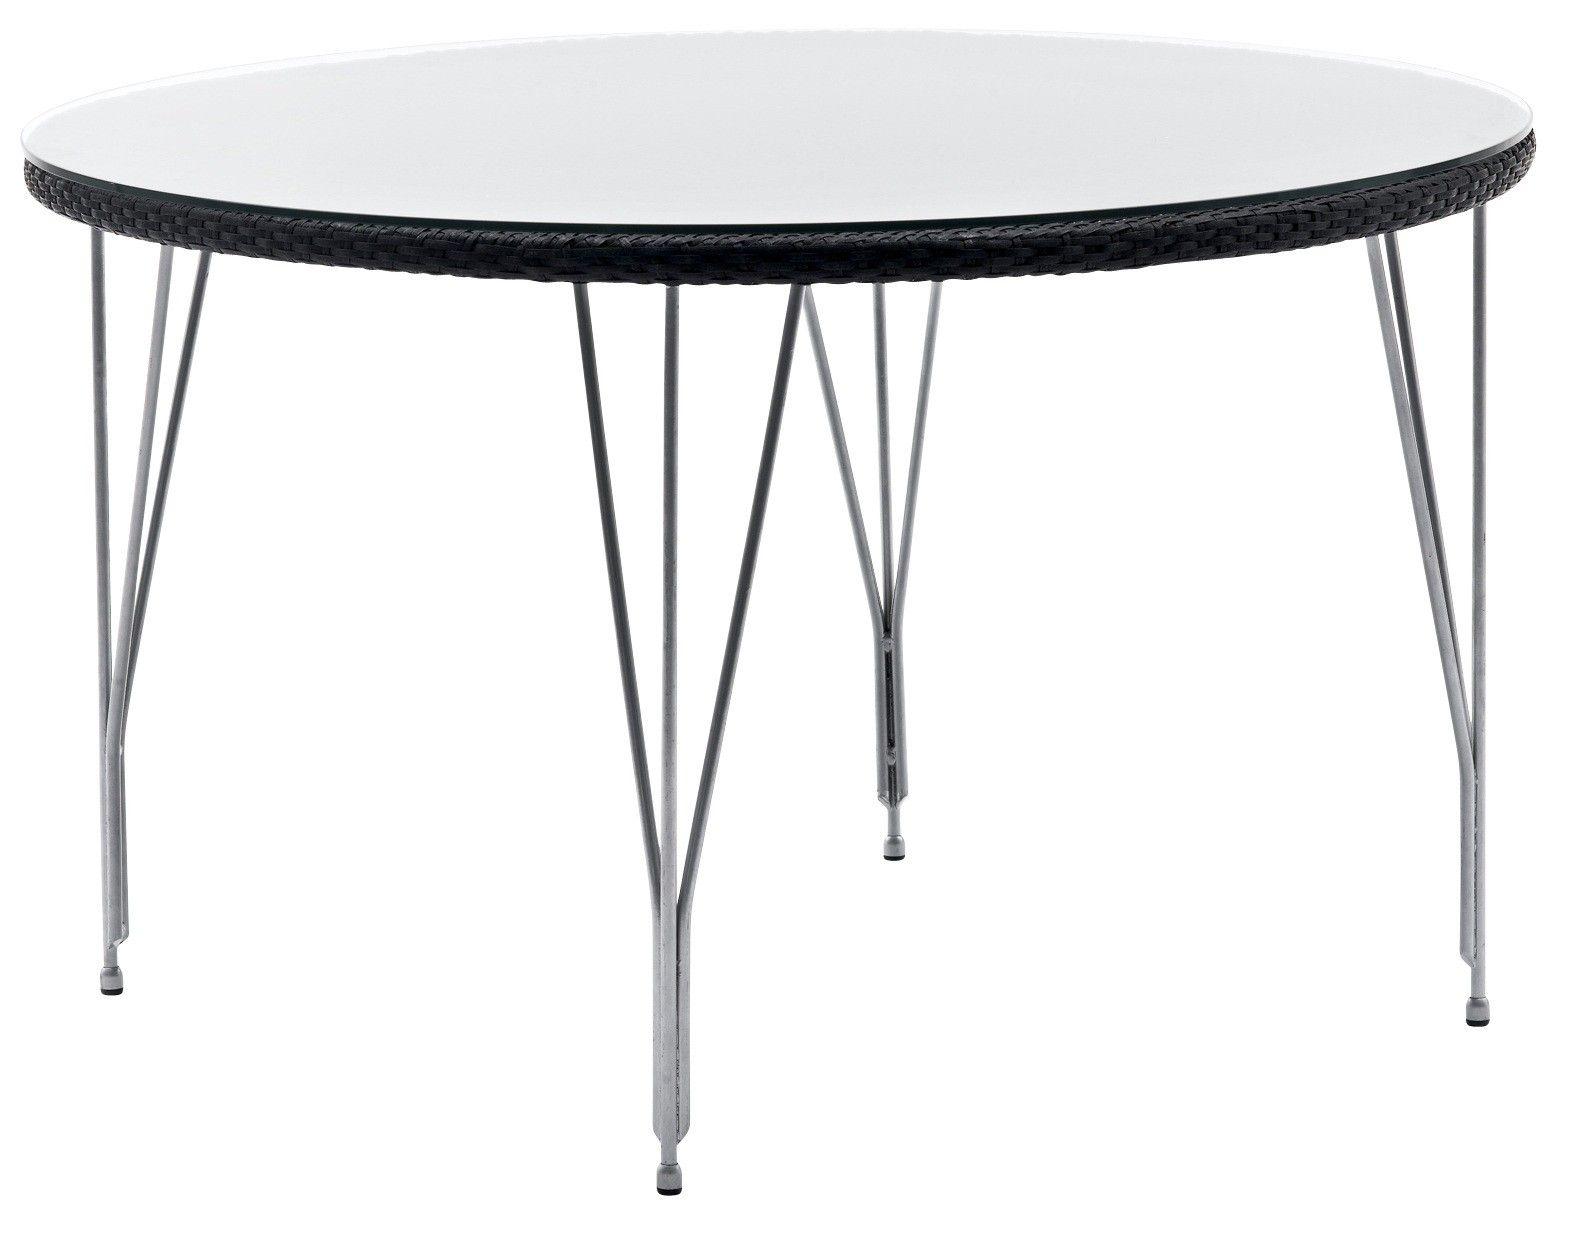 Anzeige Jetzt Bei Desigano Com Jupiter Tisch Rund Desigano Gartentische Von Avantgarde By Sika Design Ab Eur Esstisch Mit Glasplatte Runder Esstisch Esstisch